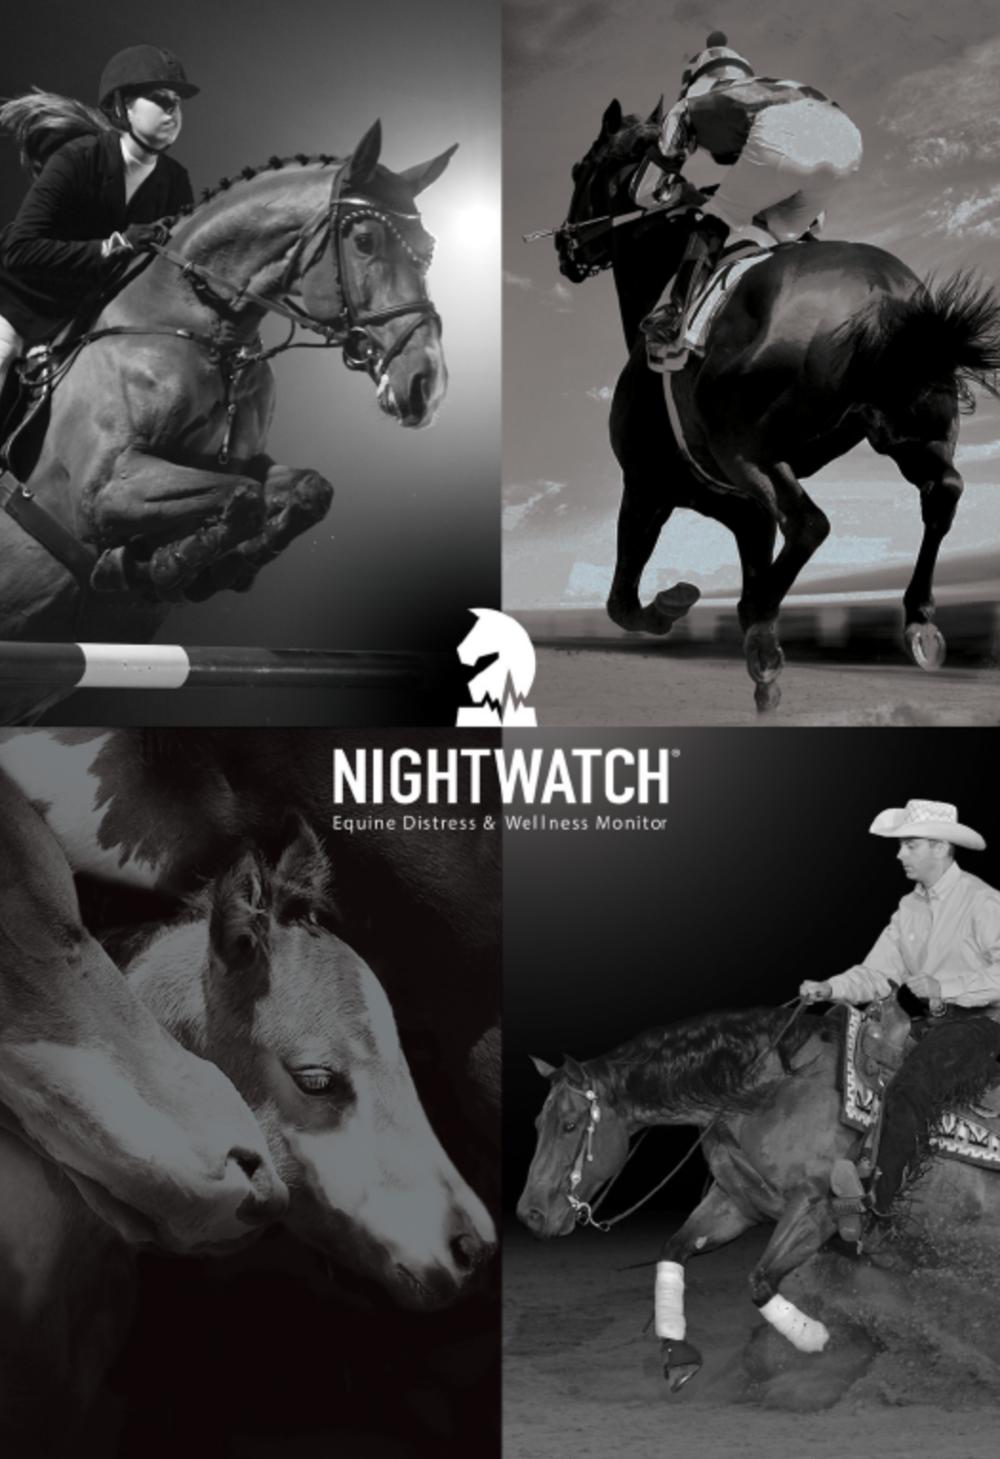 NIGHTWATCH® Brochure